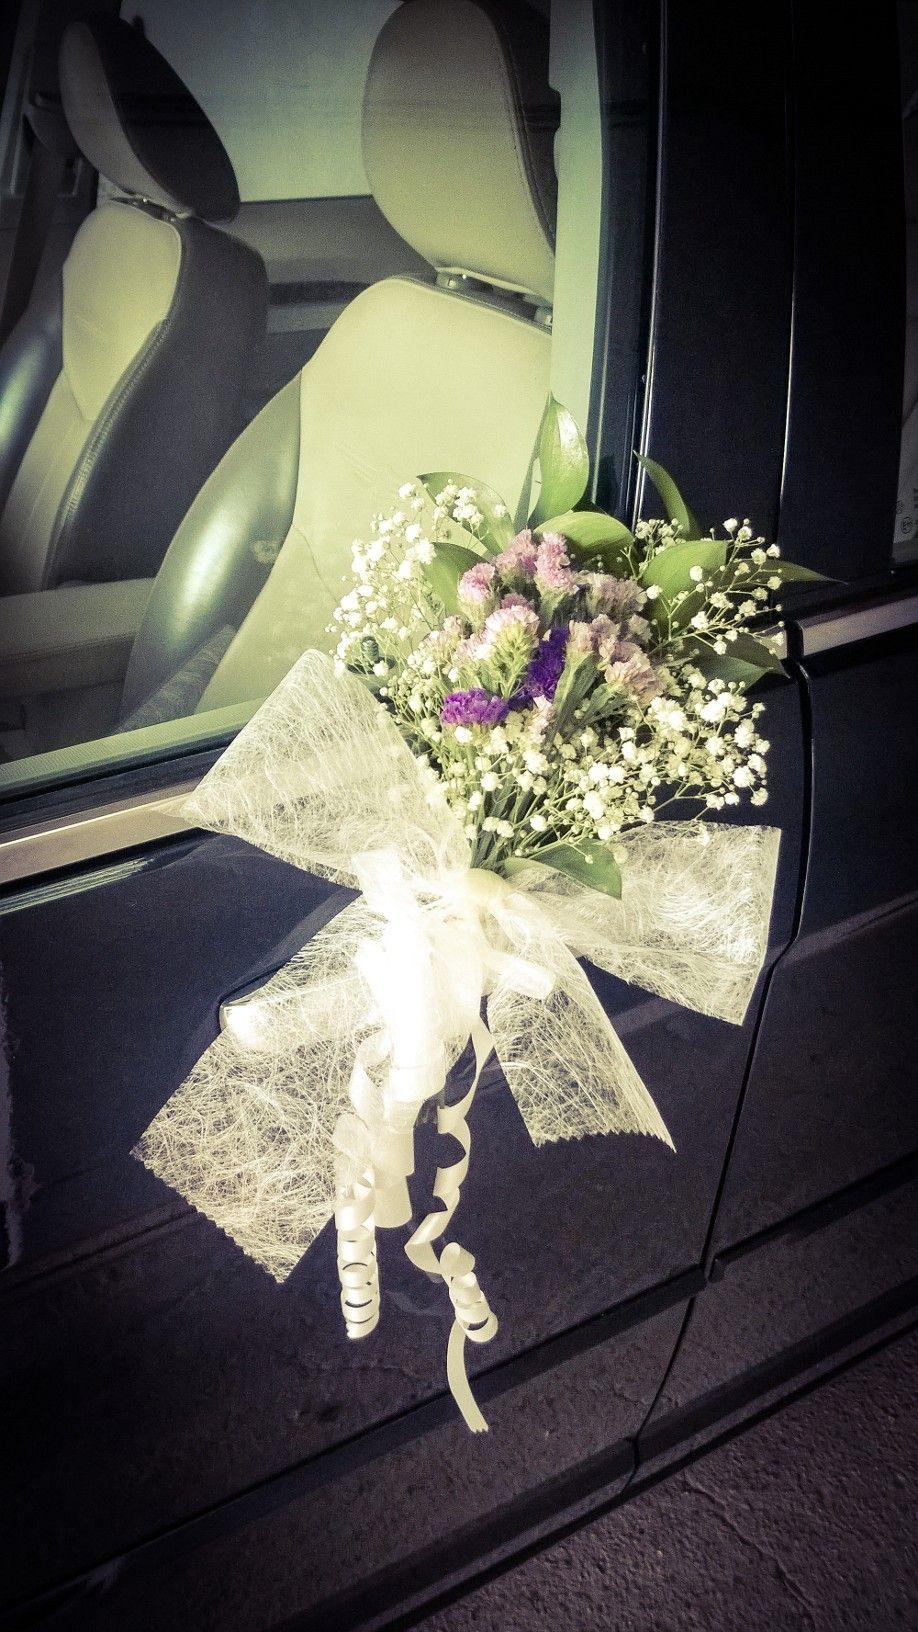 Wedding car decorations just married  Decoración puerta del coche de novios detalle floral con ruscus